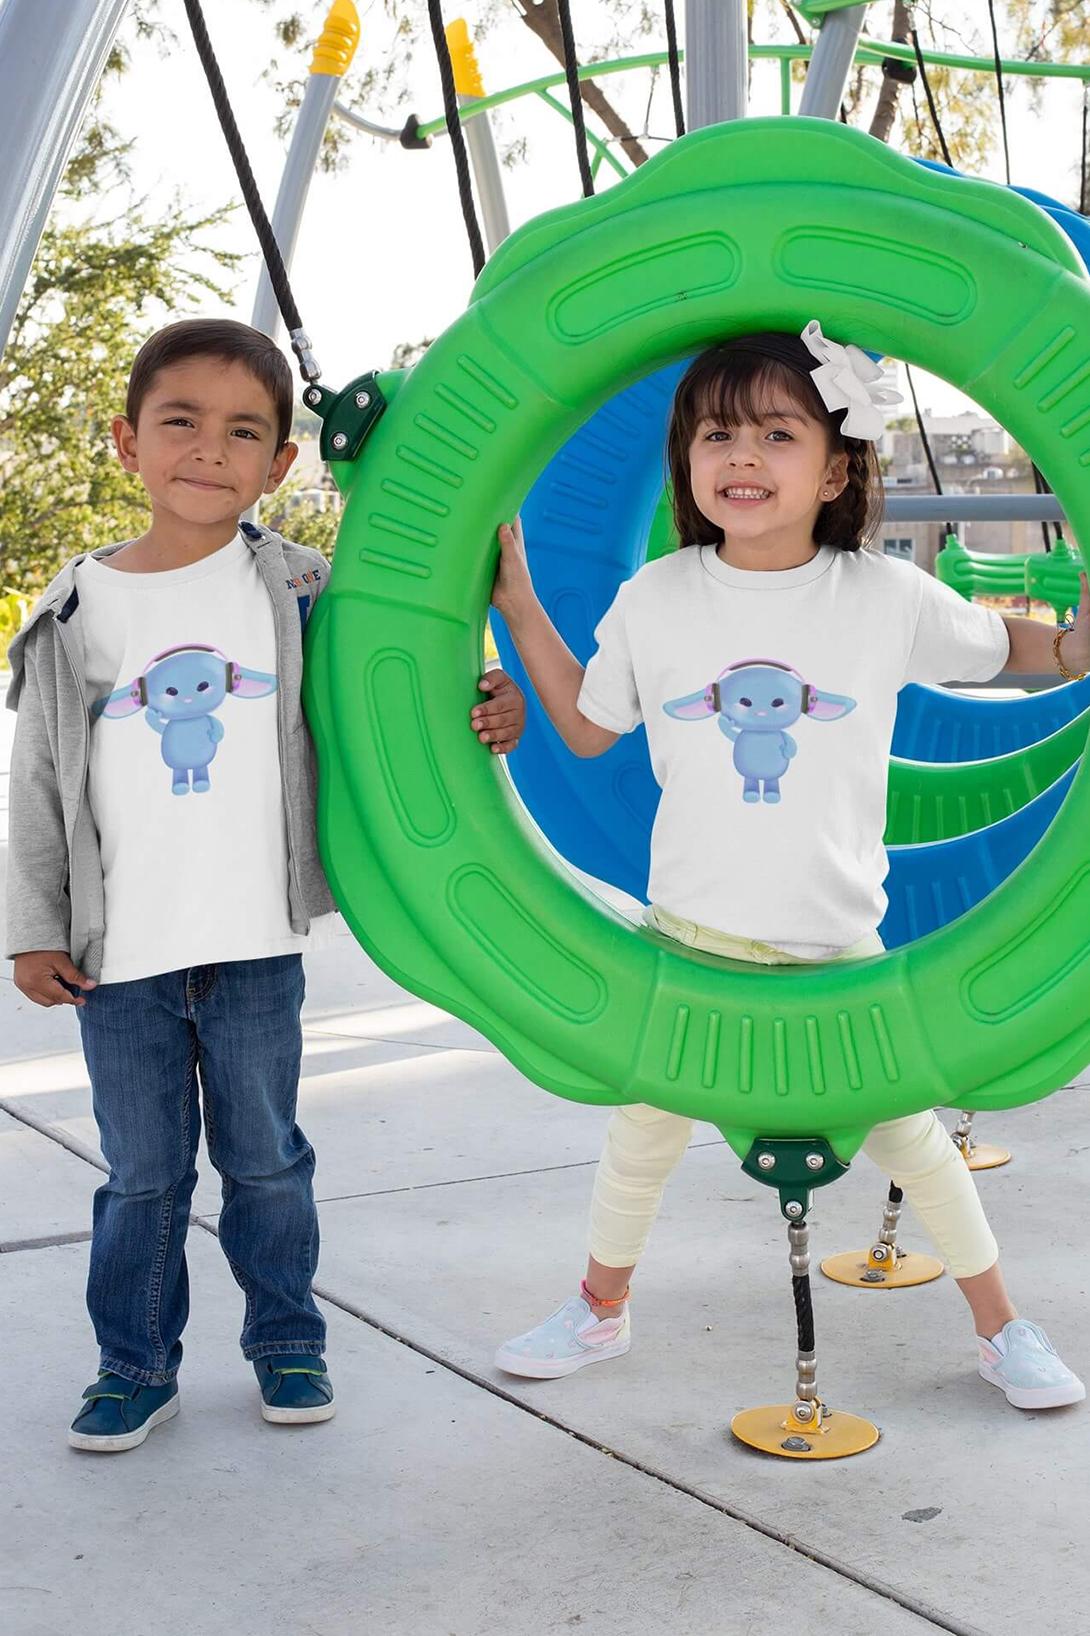 MMO Detské tričko Zajac so slúchadlami Vyberte farbu:: Biela, Detská veľkosť: 122/6 rokov